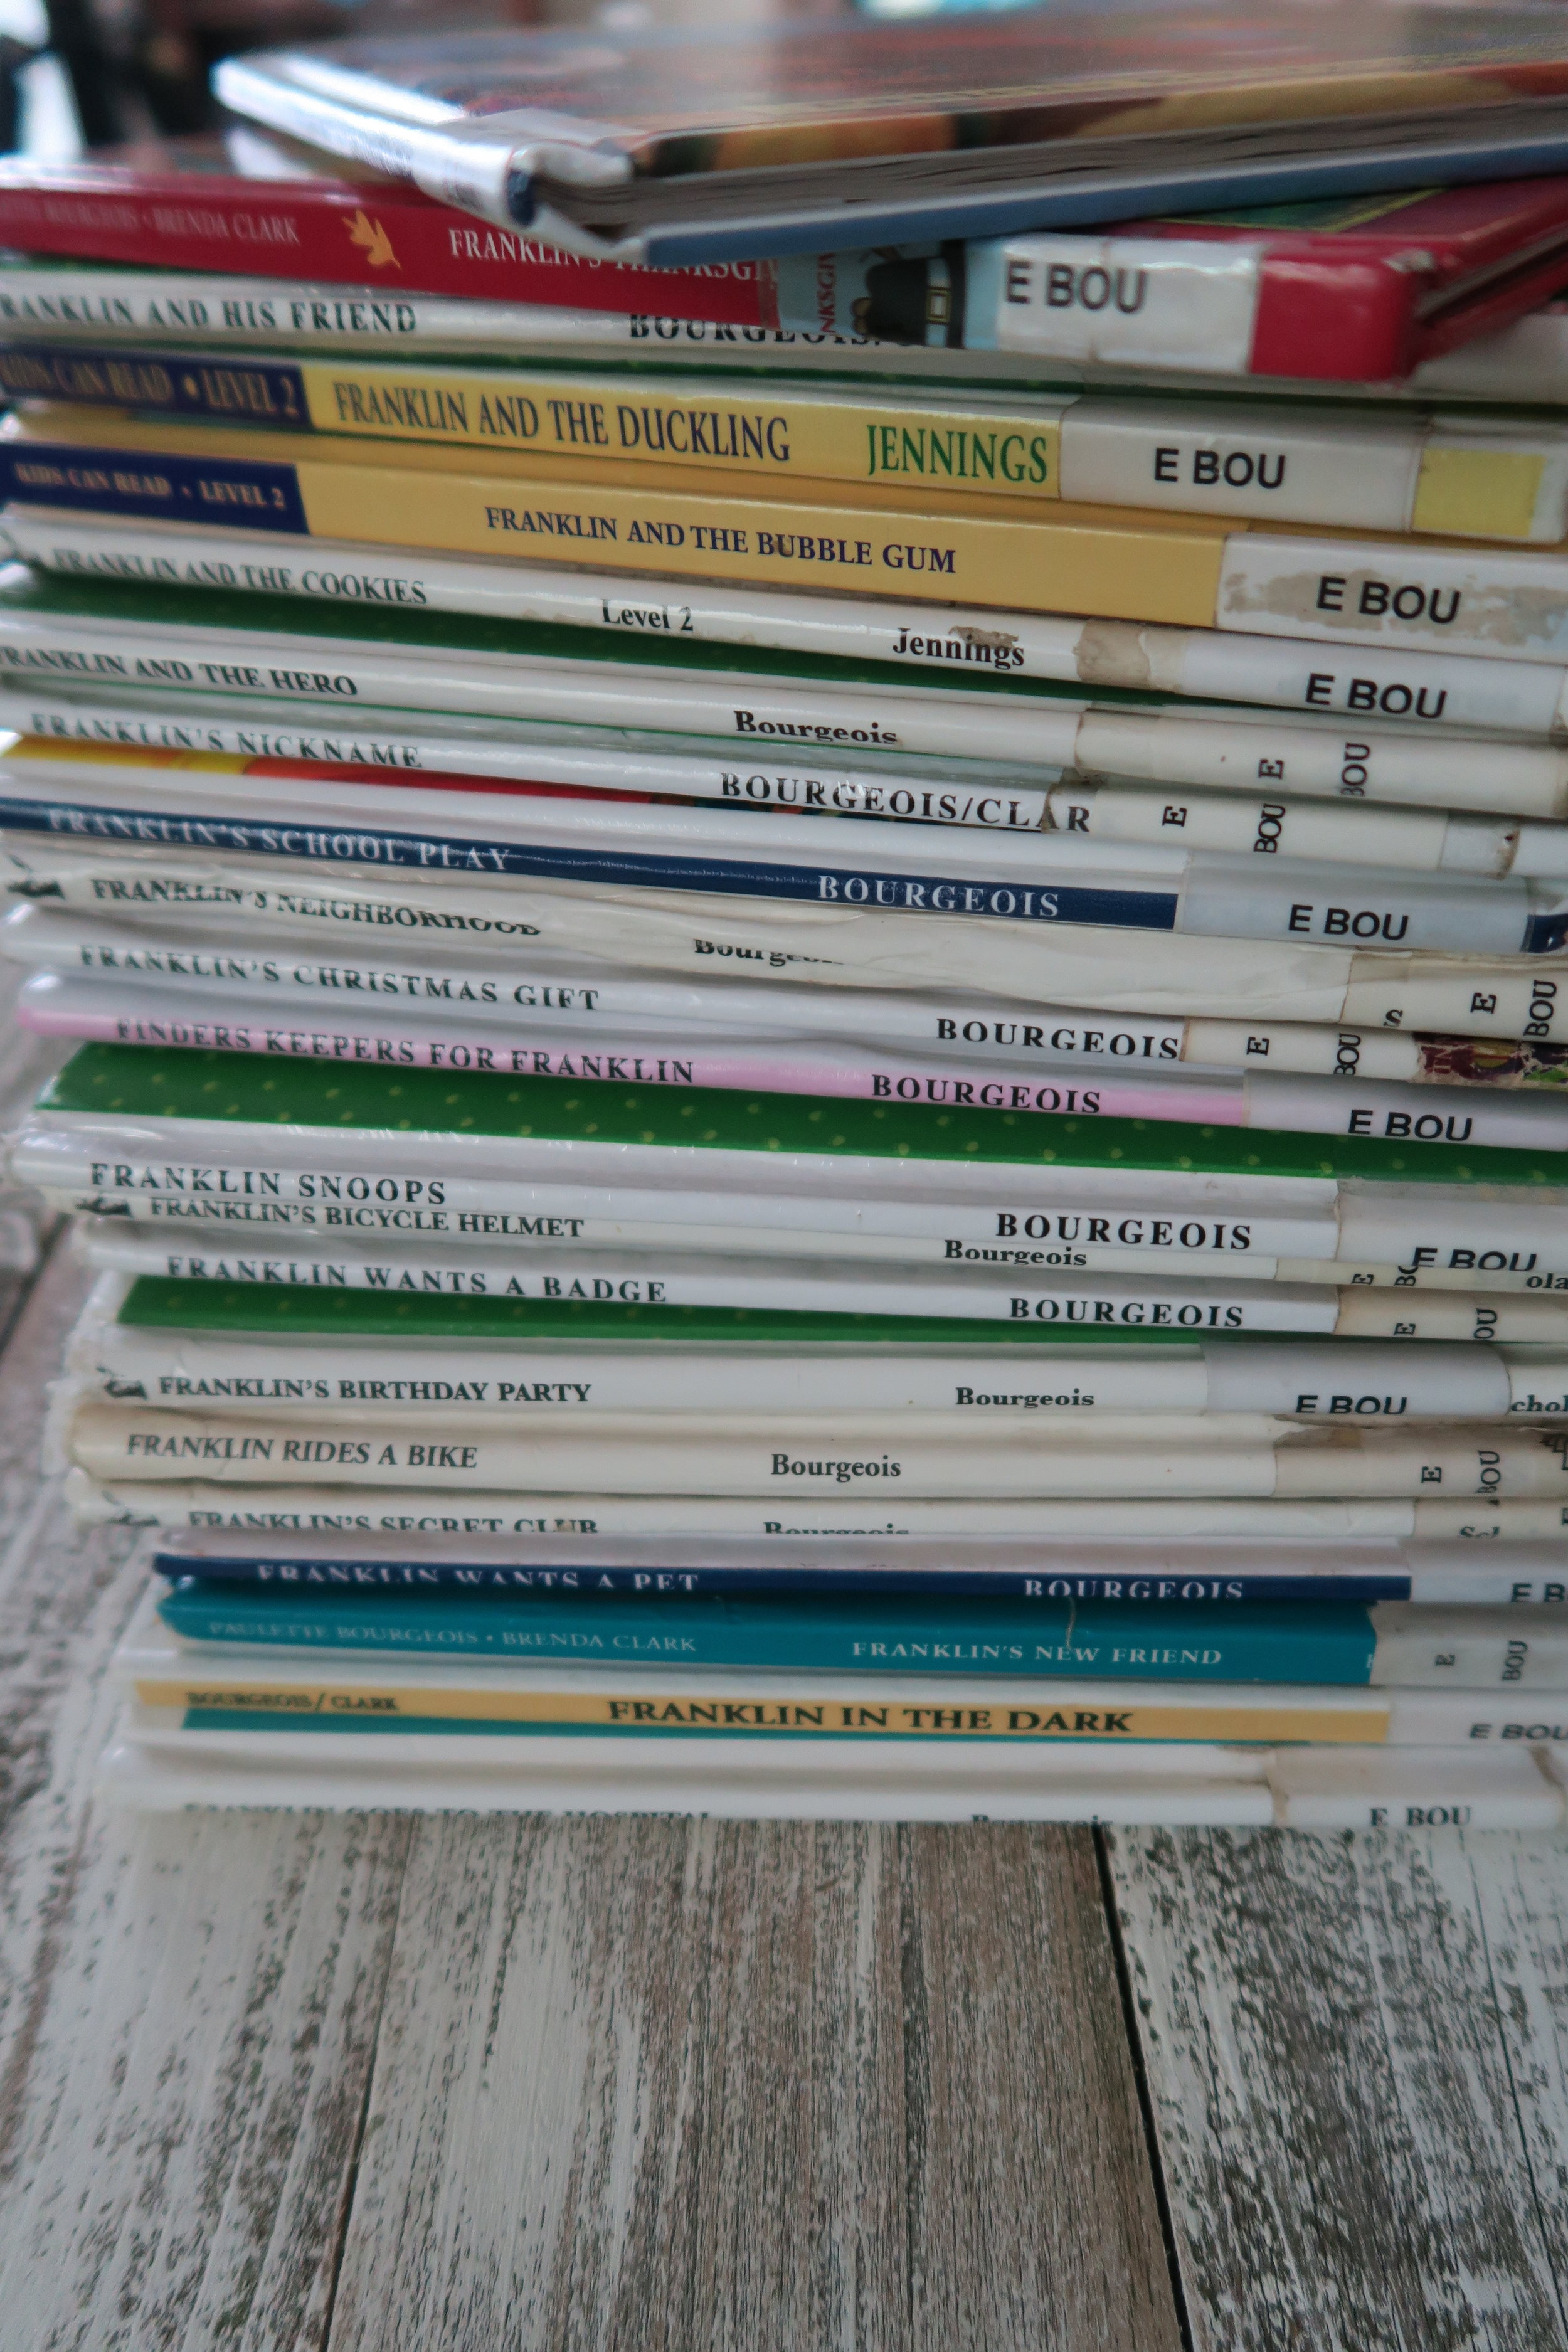 Priscilla's stack of Franklin Books